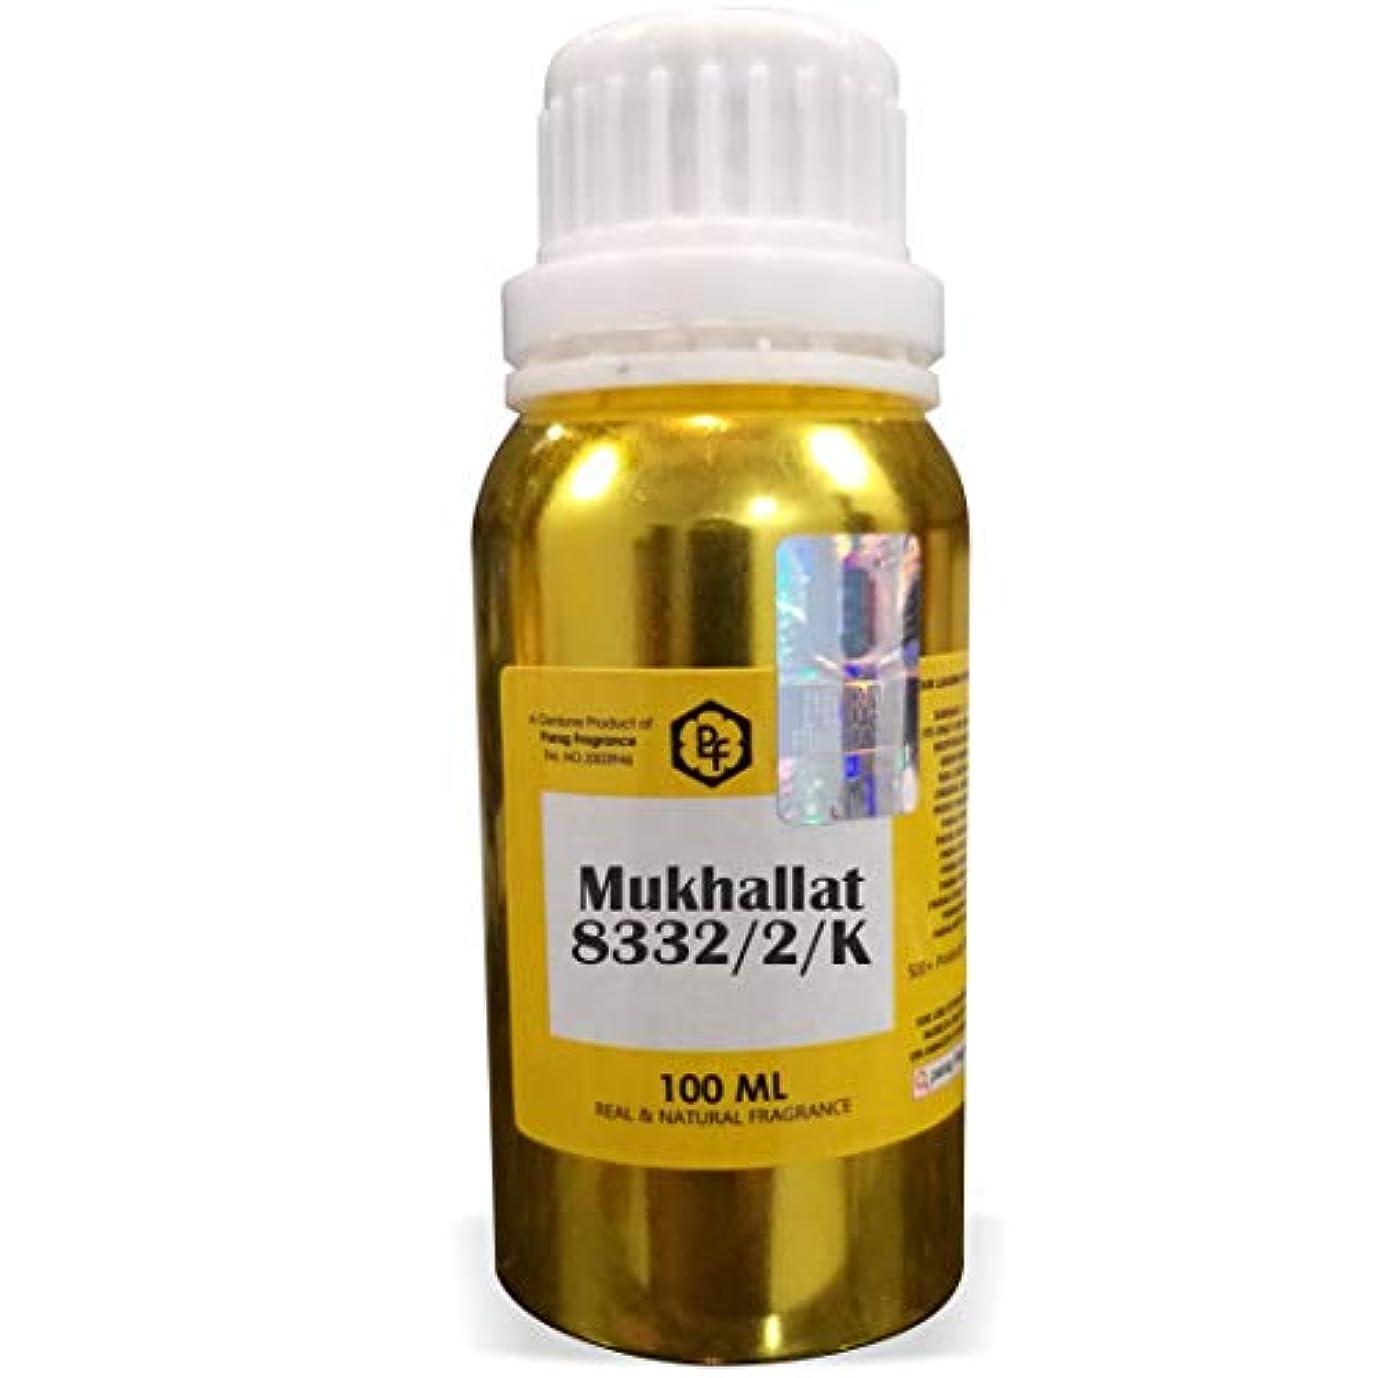 ロデオ小麦偽装するParagフレグランスMukhallat-2分の8332 / Kアター100ミリリットル(男性用アルコールフリーアター)香油| 香り| ITRA